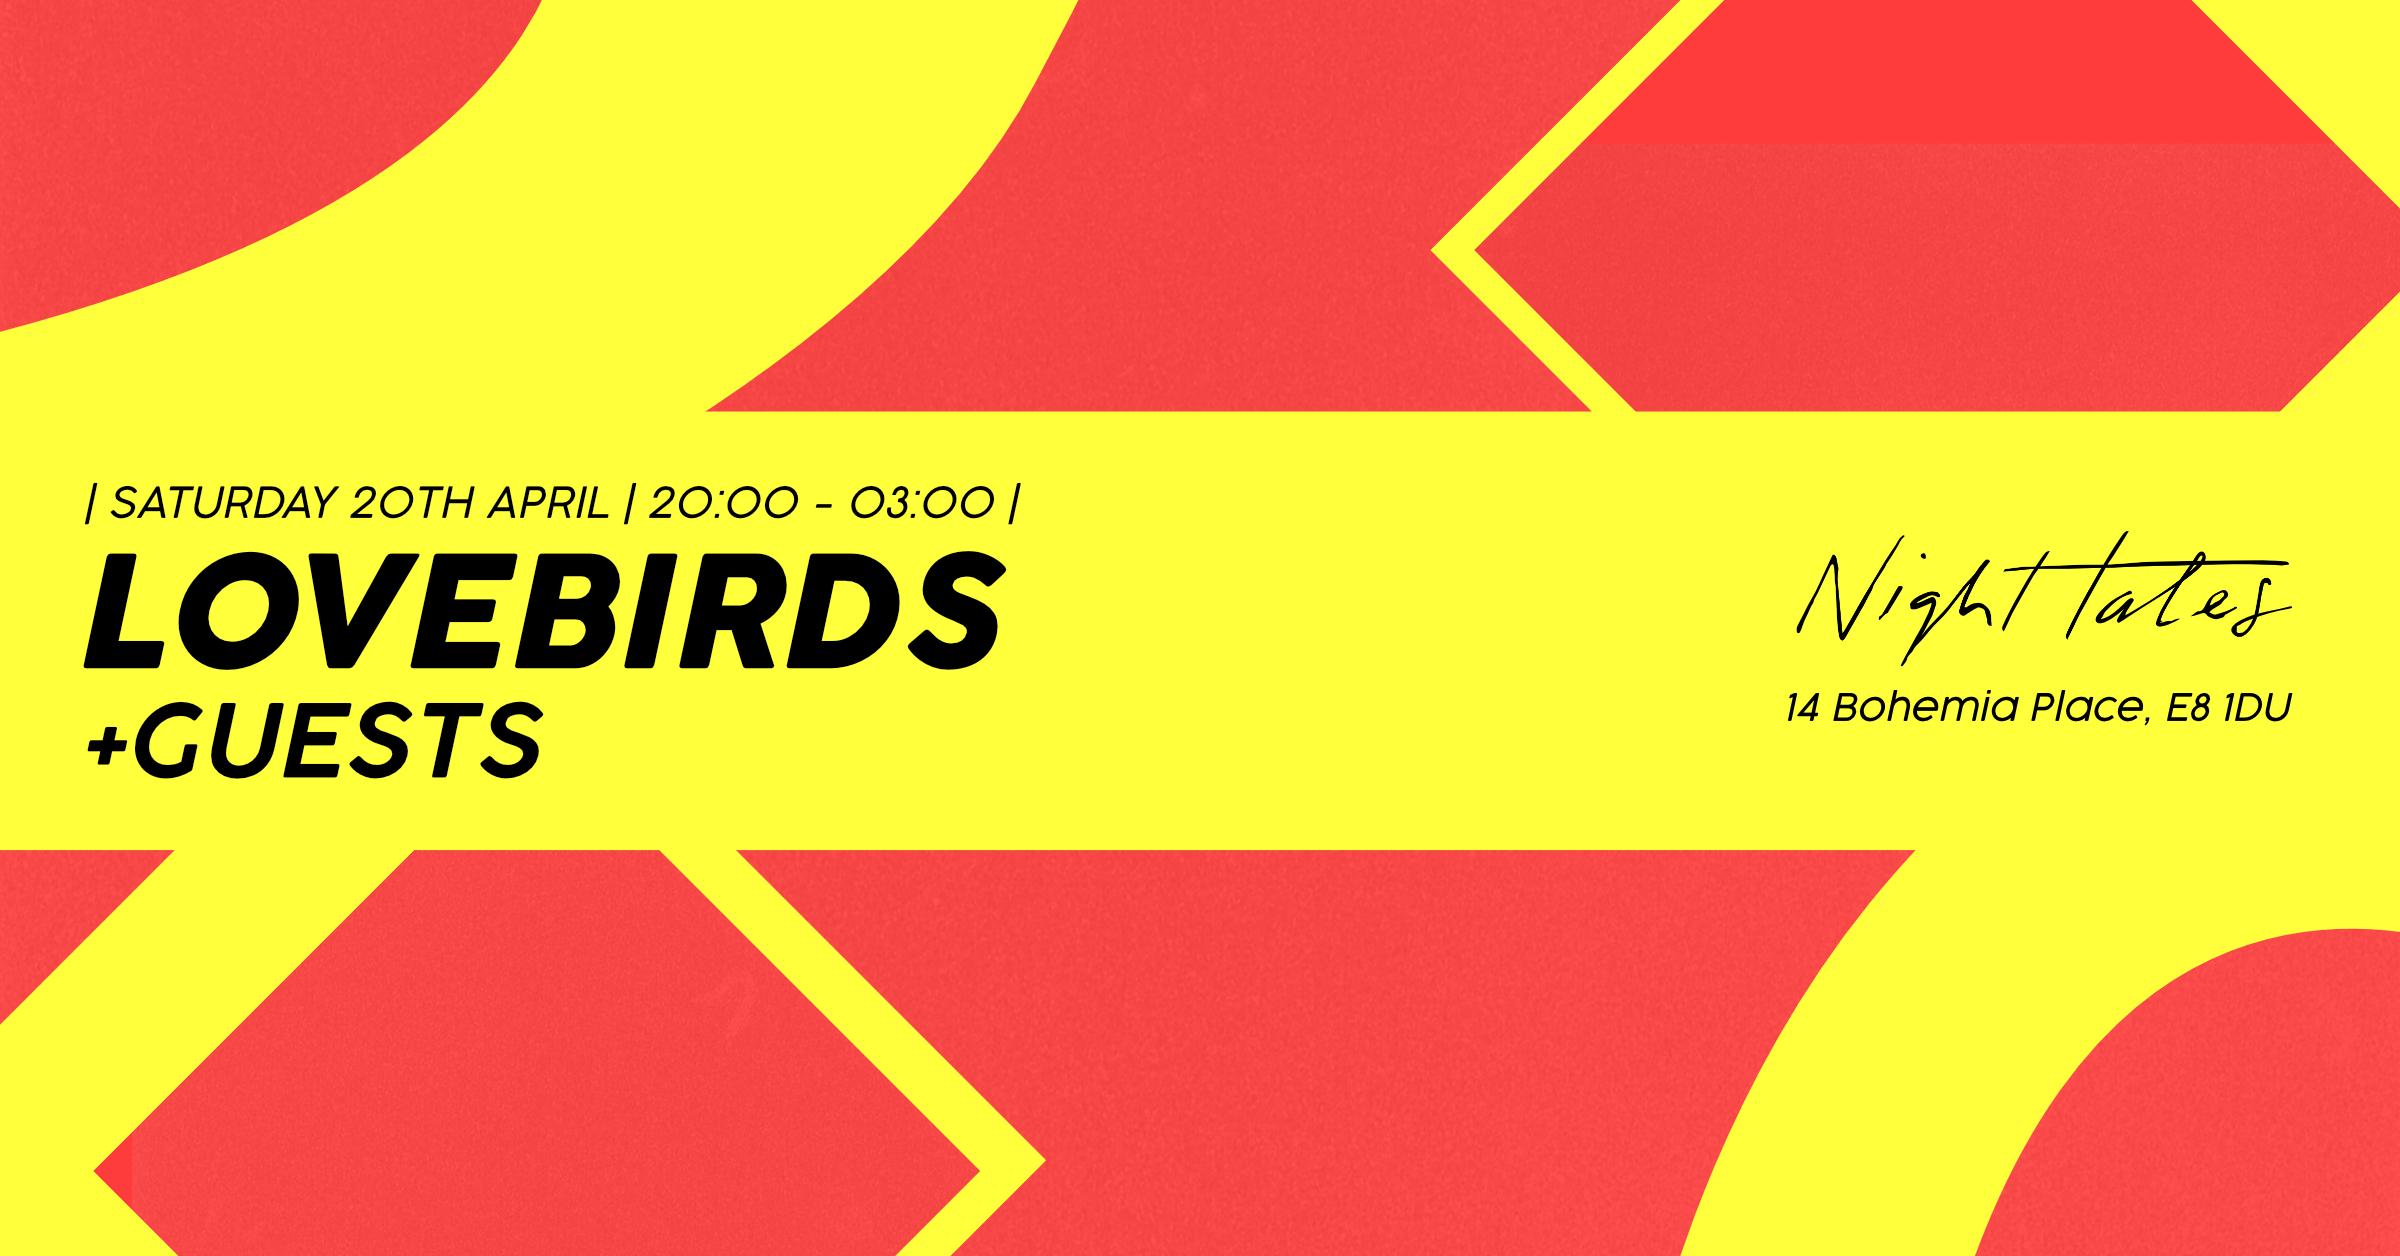 Lovebirds NT Event Cover Photo.jpg